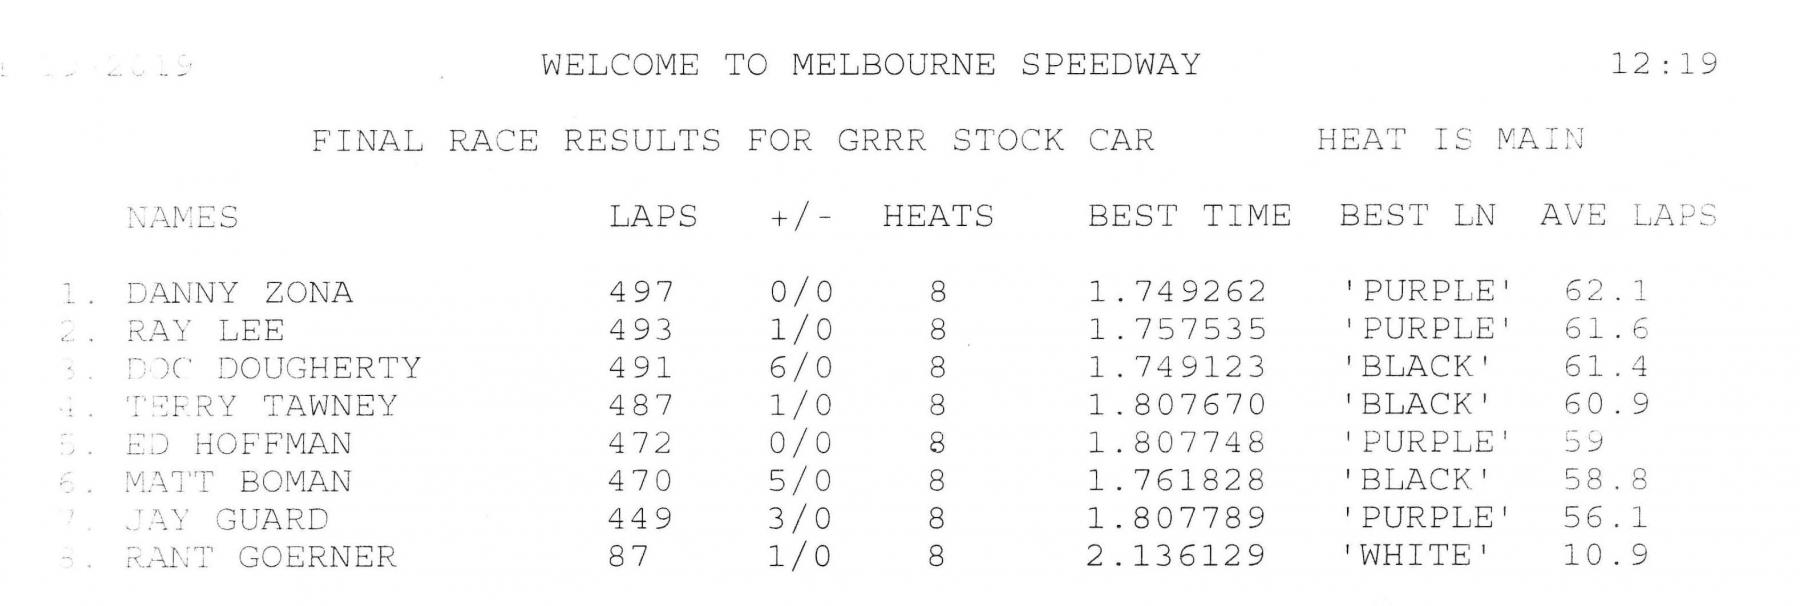 1.19.19 GRRR Stockcar Final Result.jpg